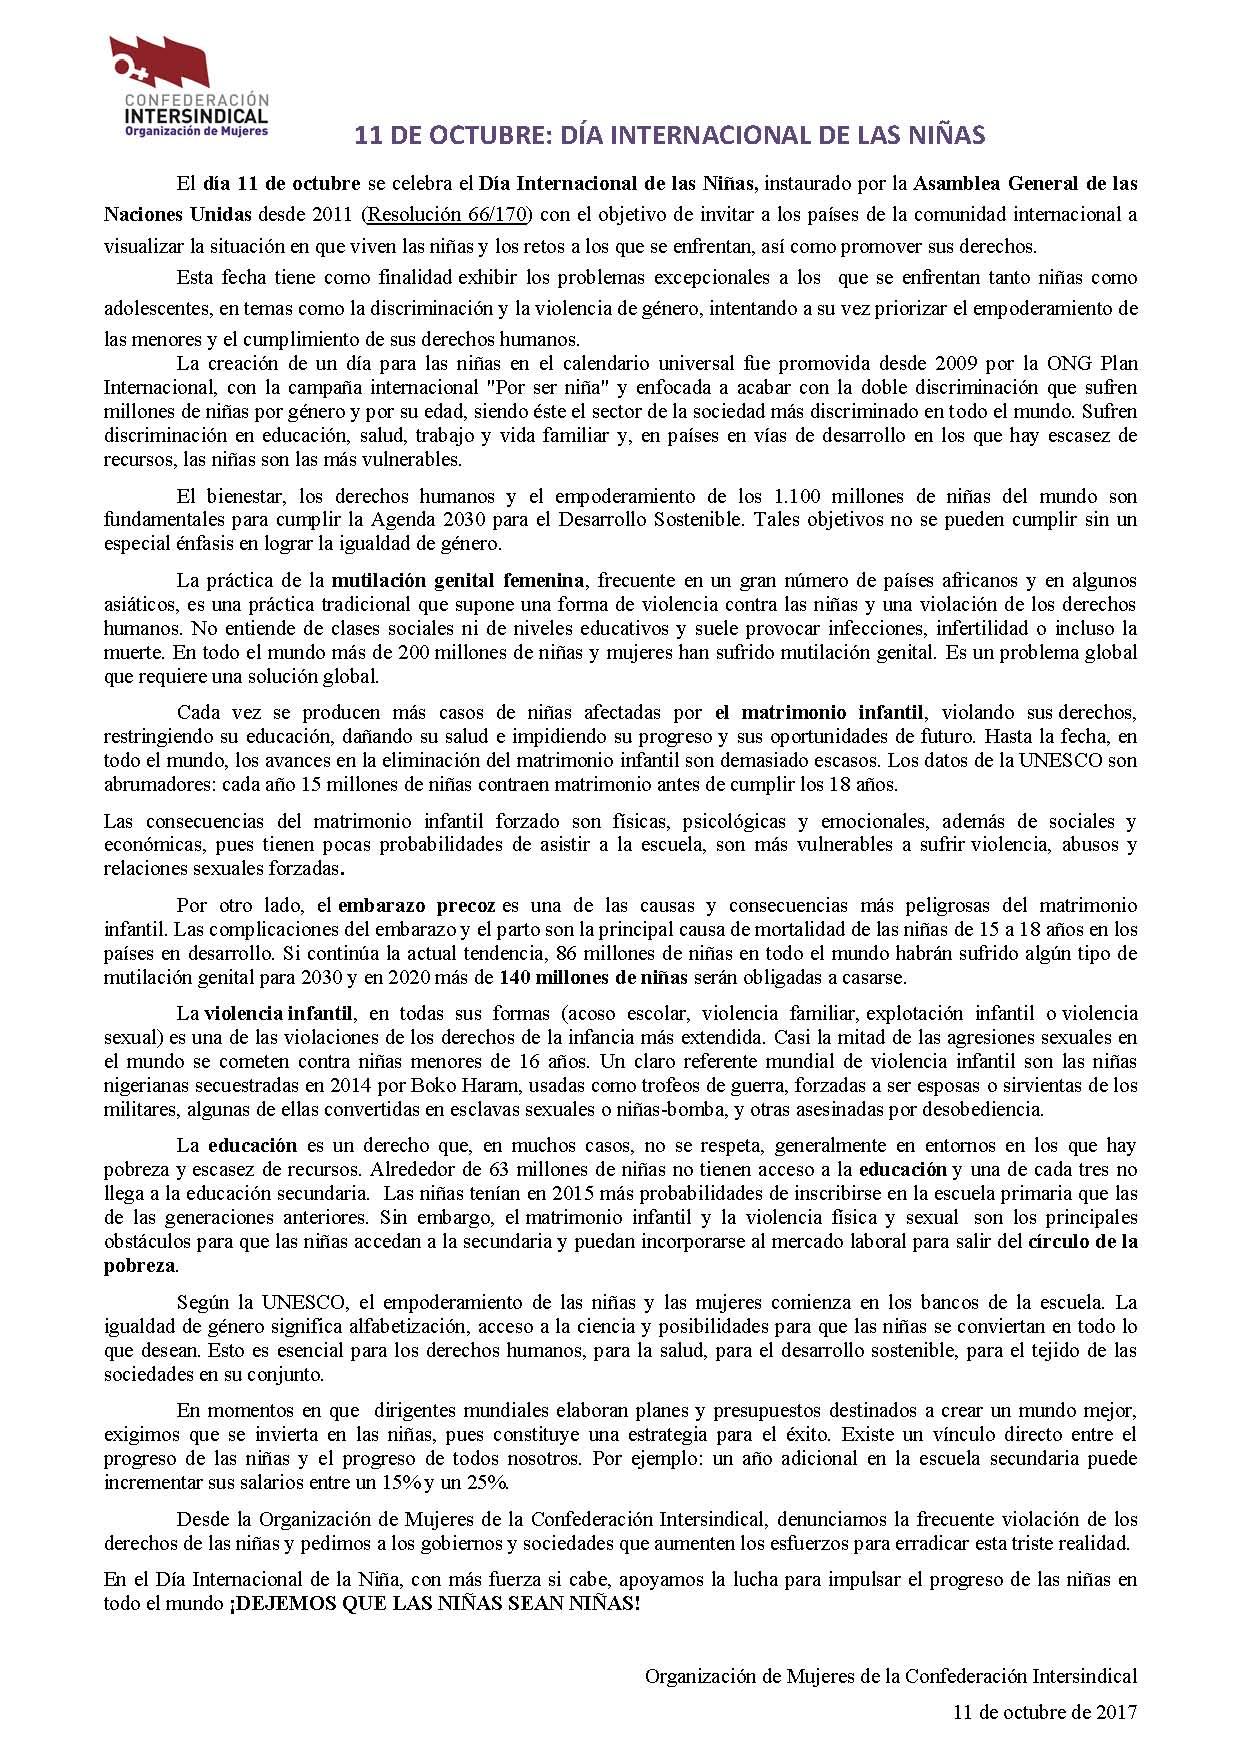 DIA-DE-LAS-NIÑAS-11-OCTUBRE